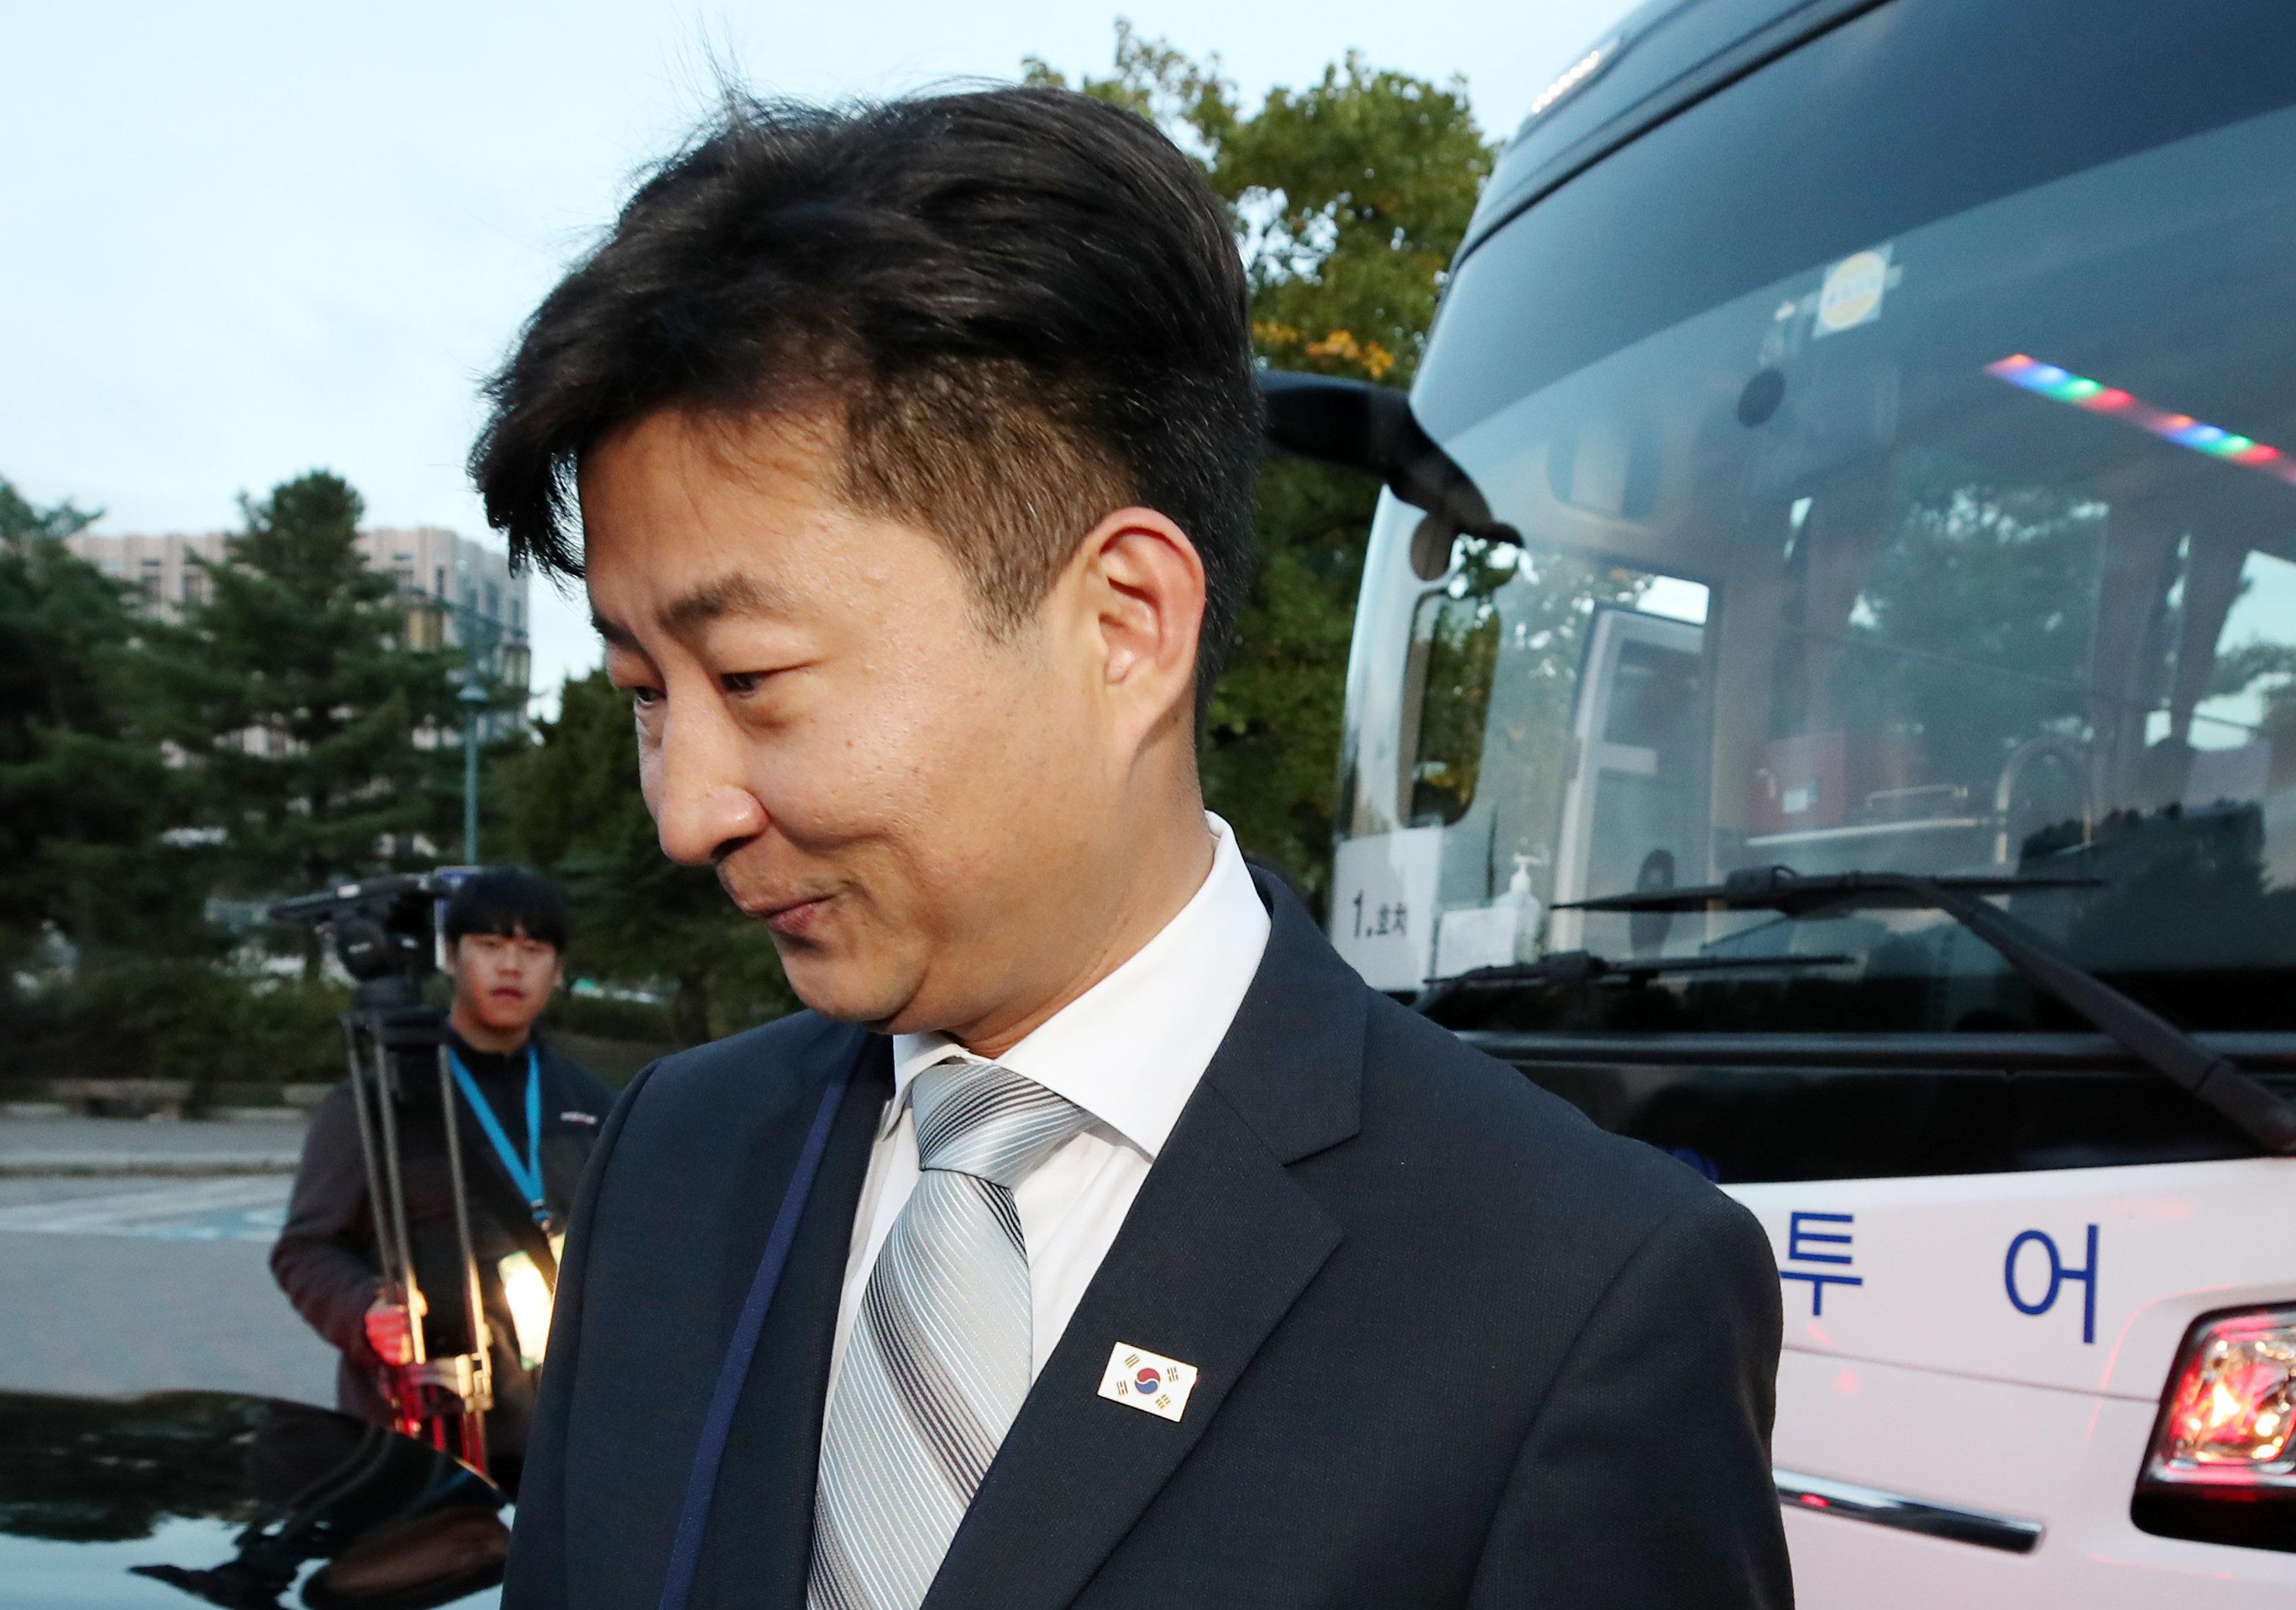 '노무현 전 대통령 지금 남북관계 어떻게 평가할까' 질문에 아들이 한